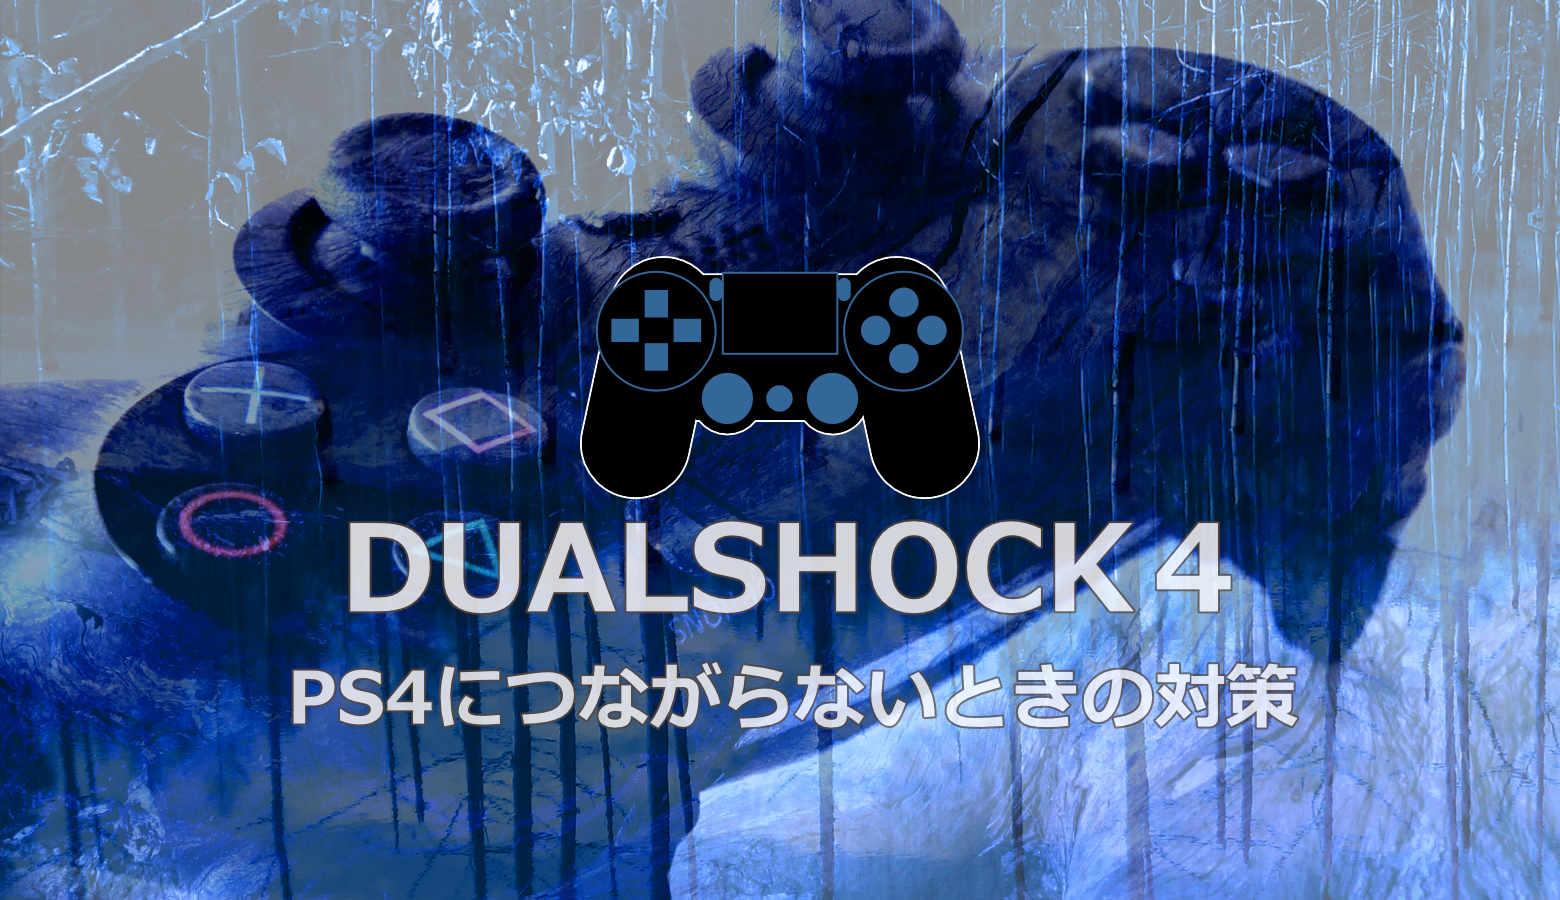 DUALSHOCK4コントローラー:PS4につながらないときの対策